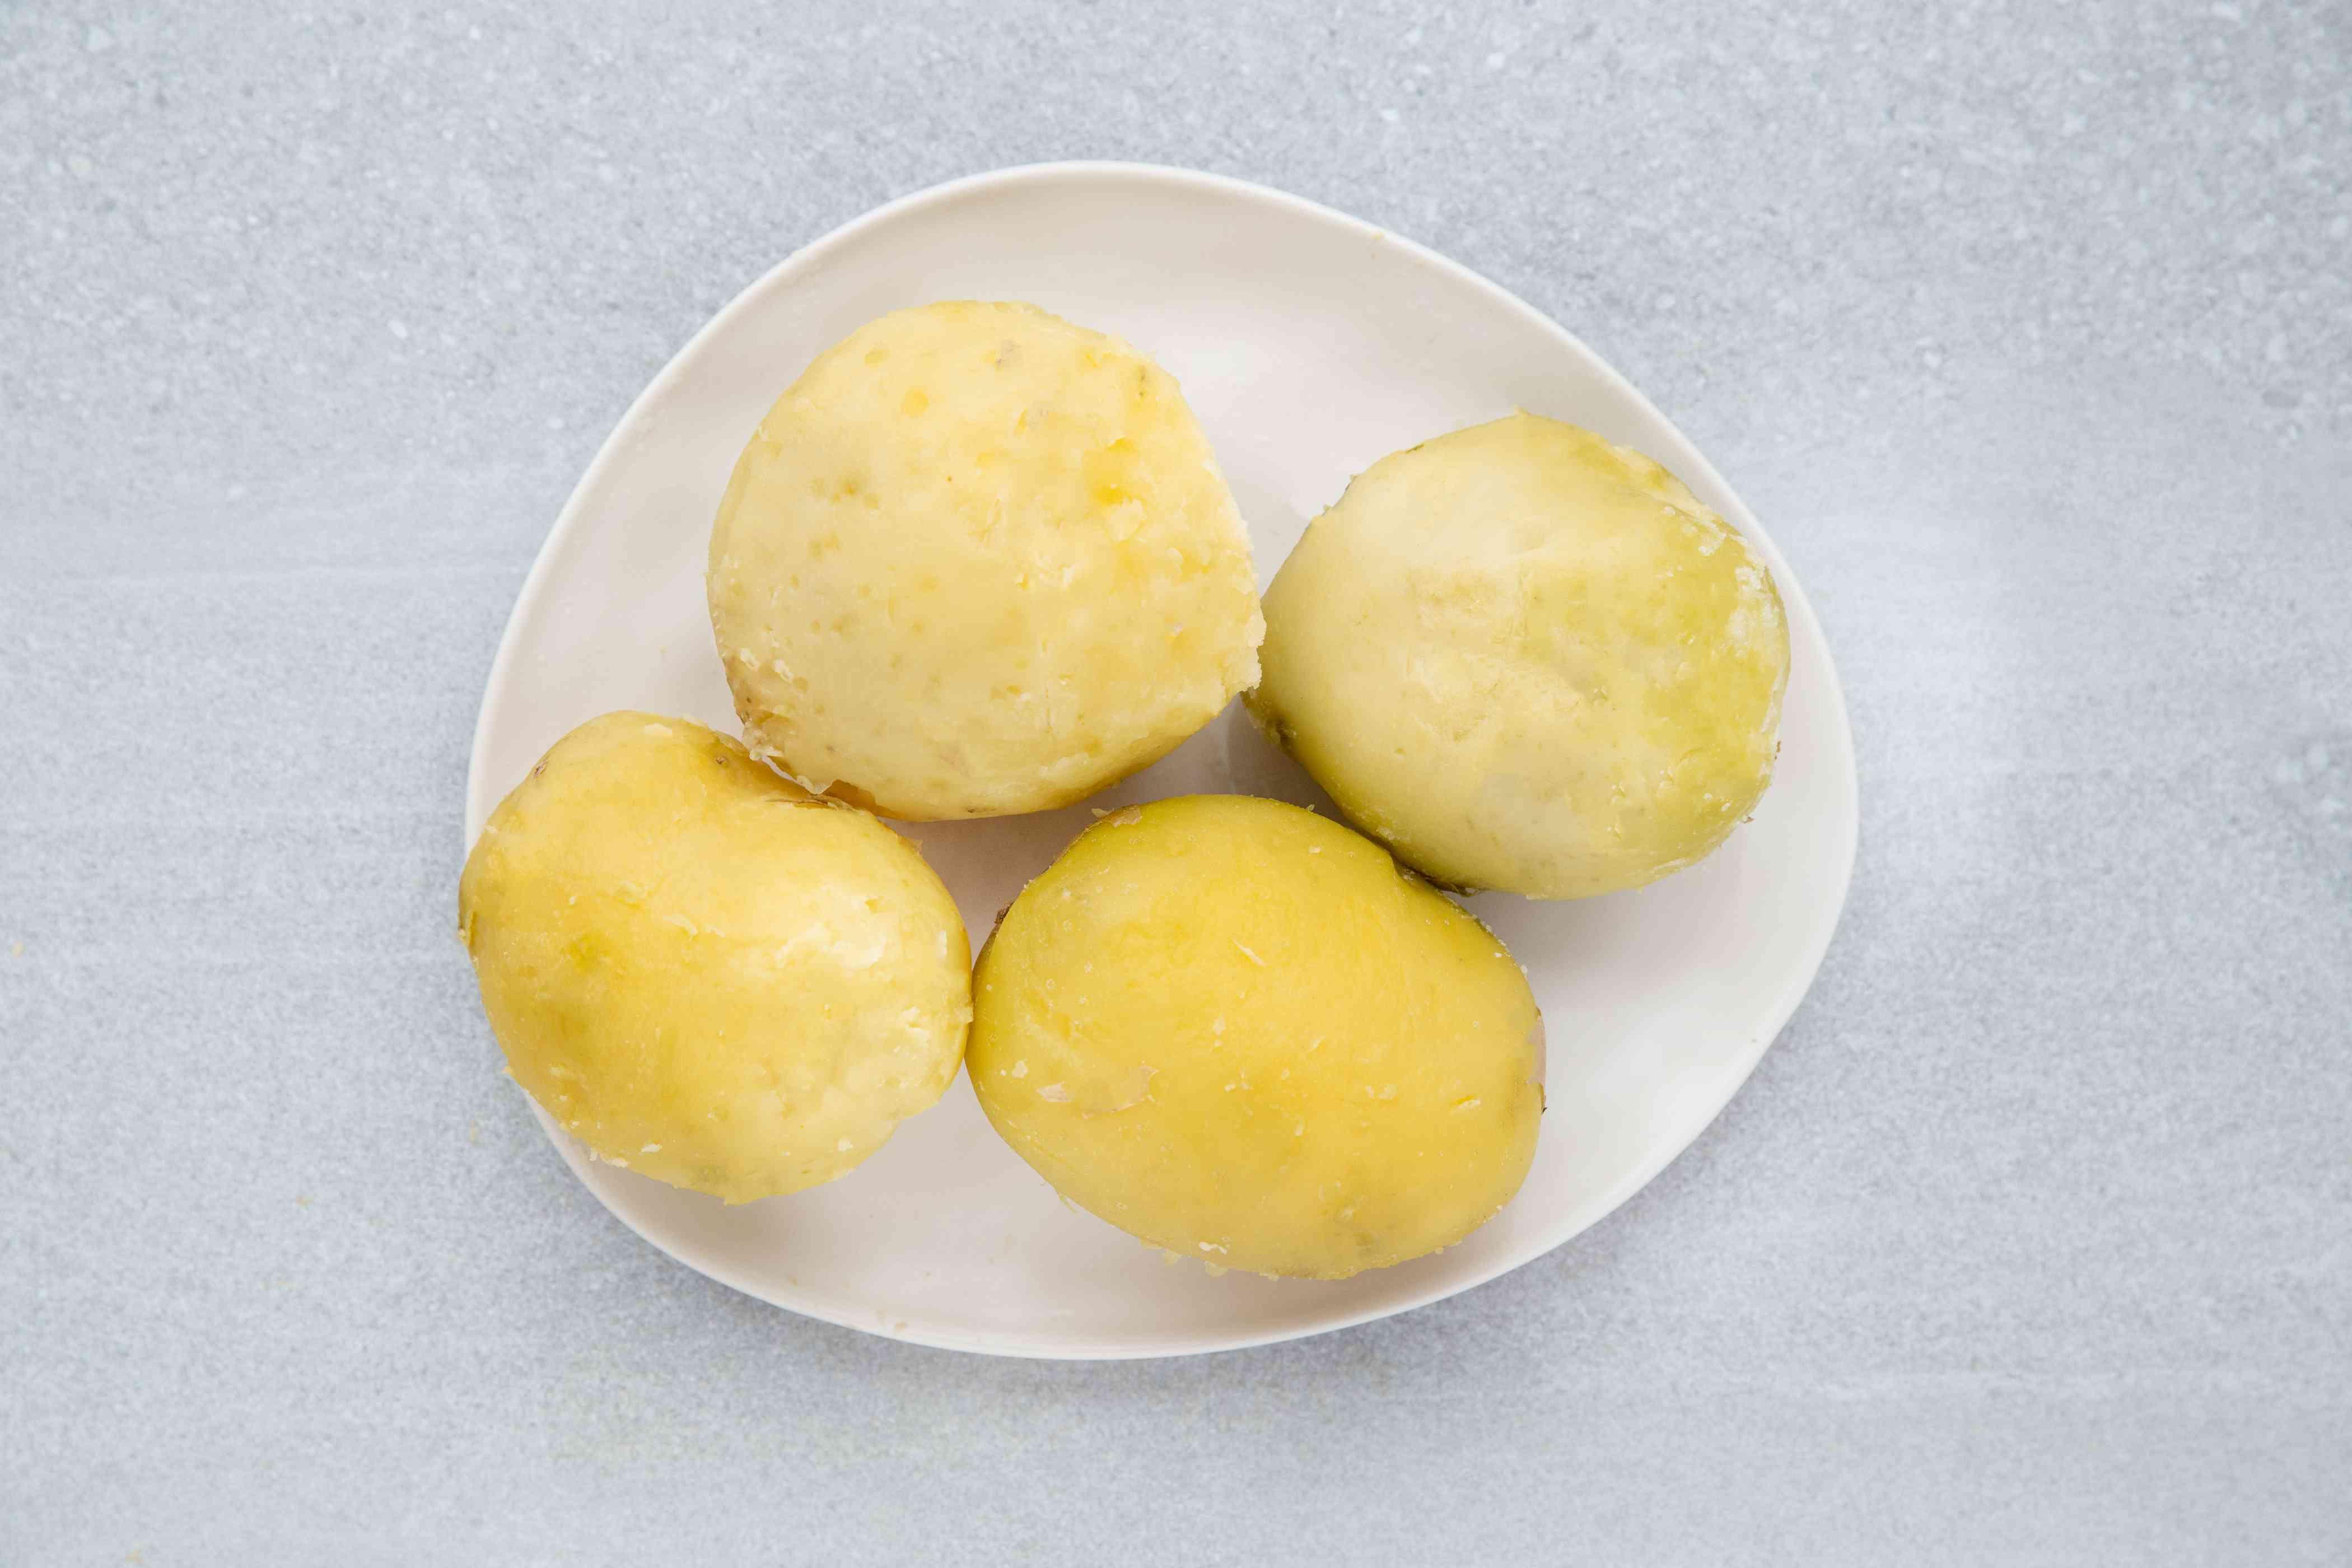 peeled potatoes on a plate